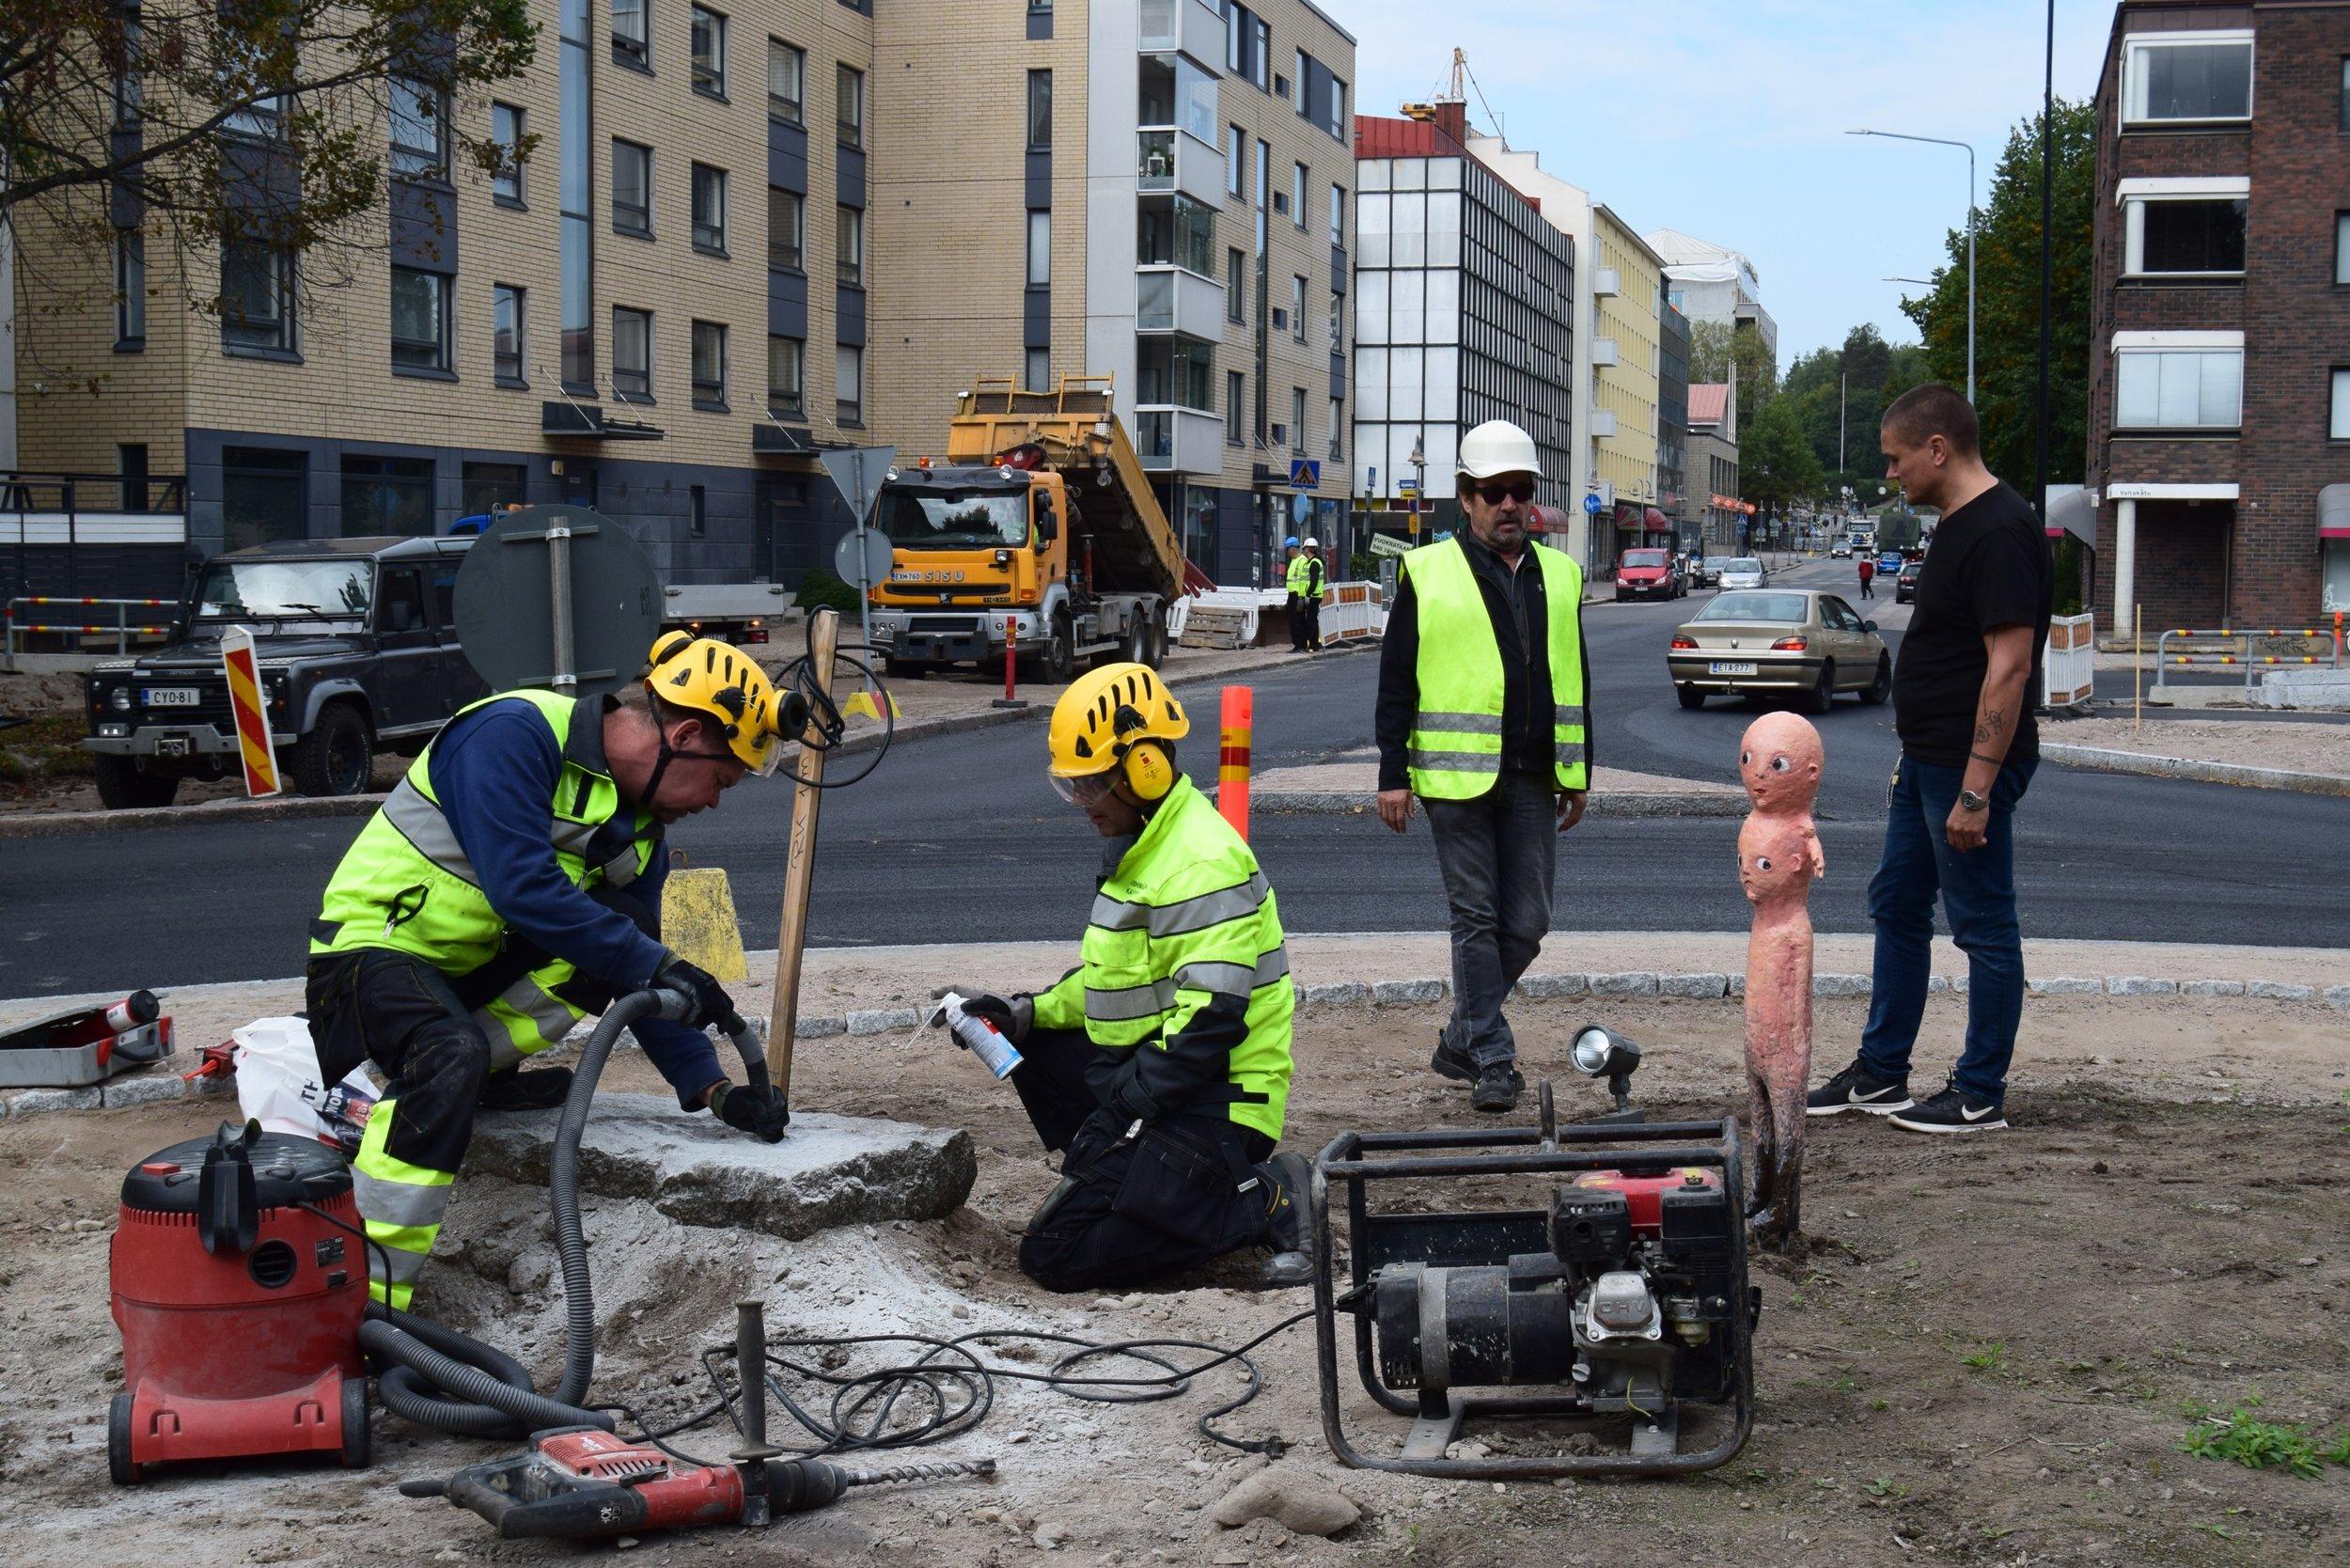 Tommi Toijan Eksynyt-veistoksen asennustyöt Riihimäellä syksyllä 2018. Taiteilja kuvassa oikealla.